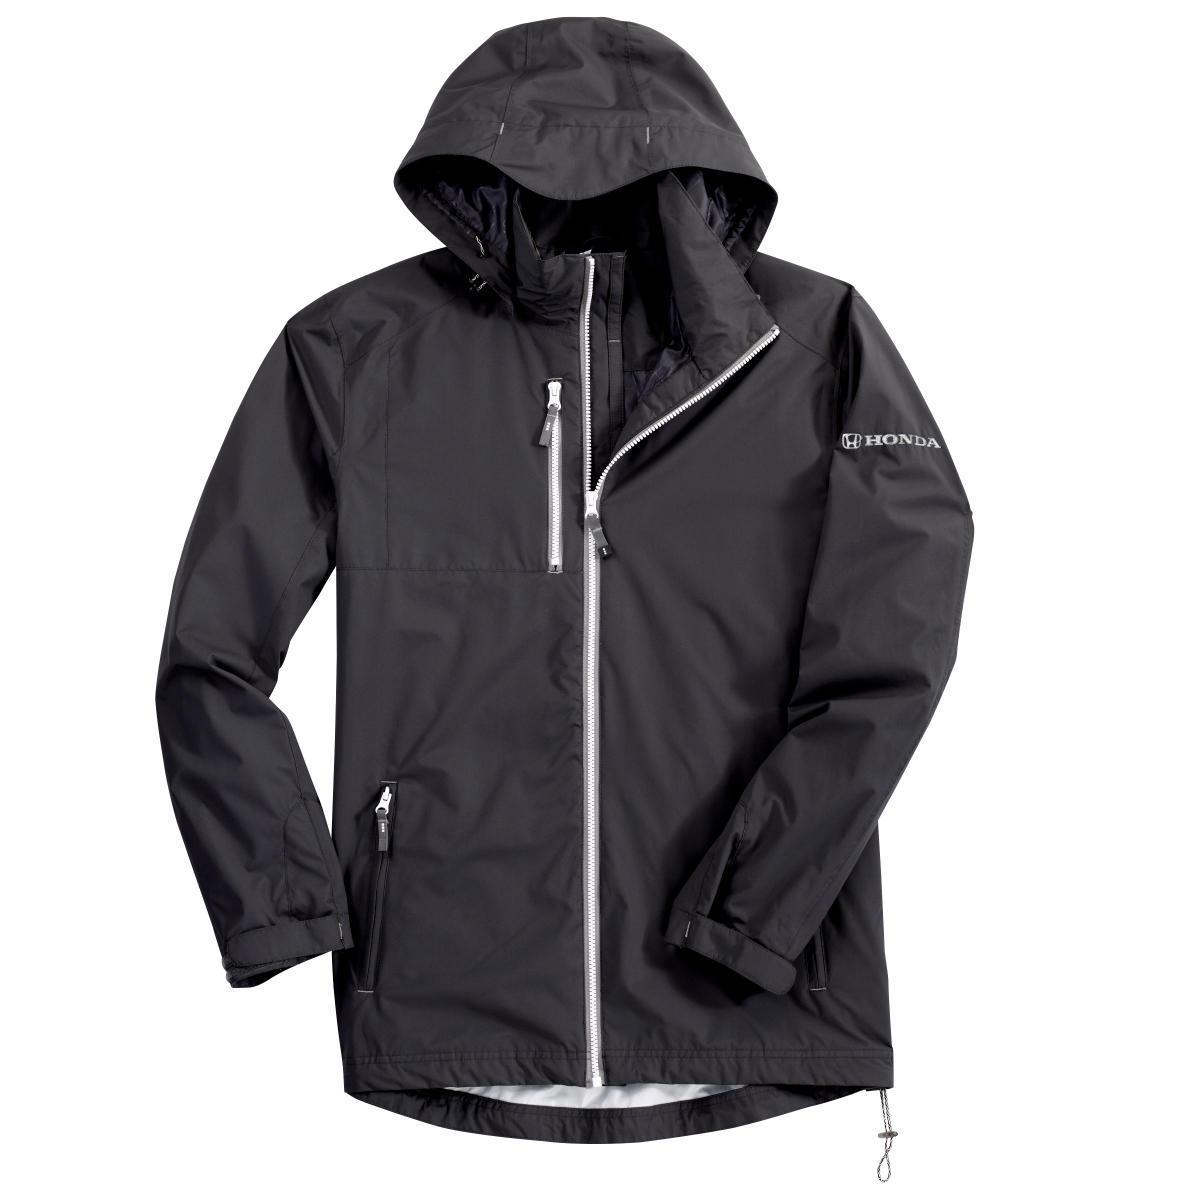 ADPAG62: Đồng phục áo gió công ty, áo nhóm, lớp0